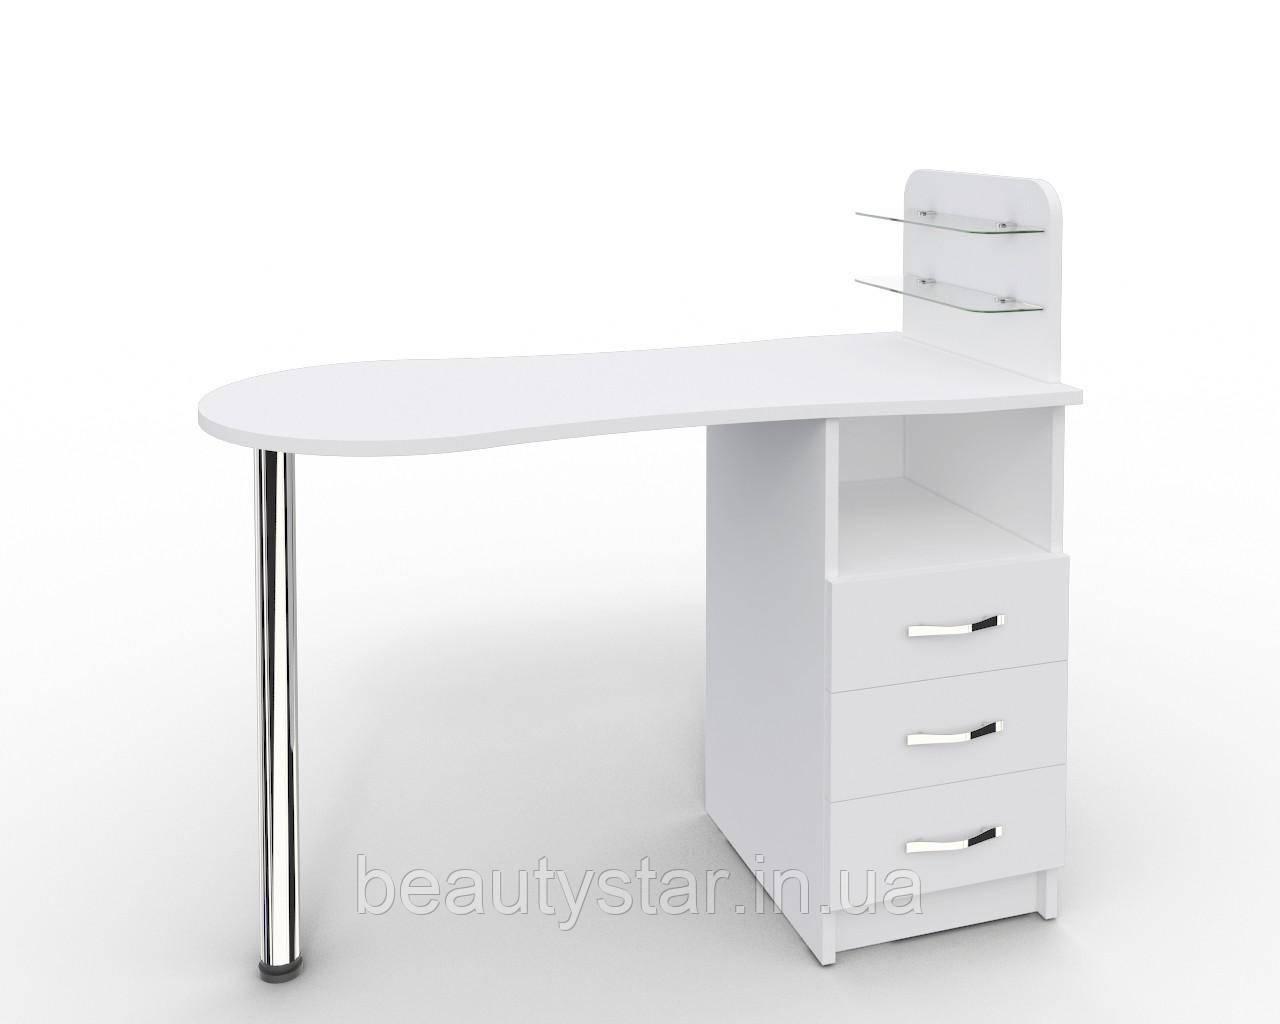 """Маникюрный стол c 3 ящиками и  стеклянными полочками под лак """"Эстет  №1"""" белый"""